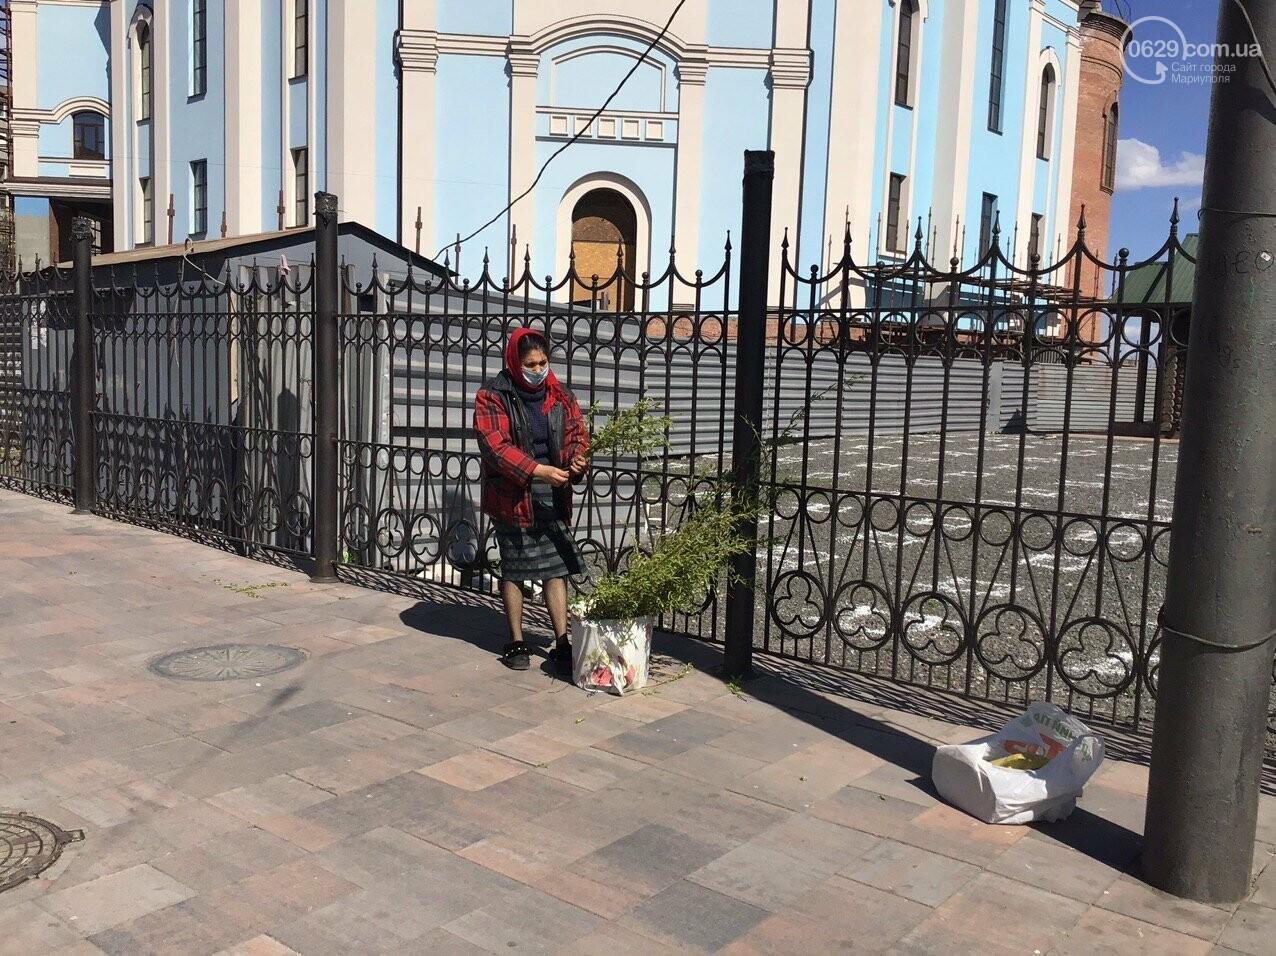 Вербное воскресенье в Мариуполе: как в храмах соблюдают карантин, - ФОТО, ВИДЕО, фото-9